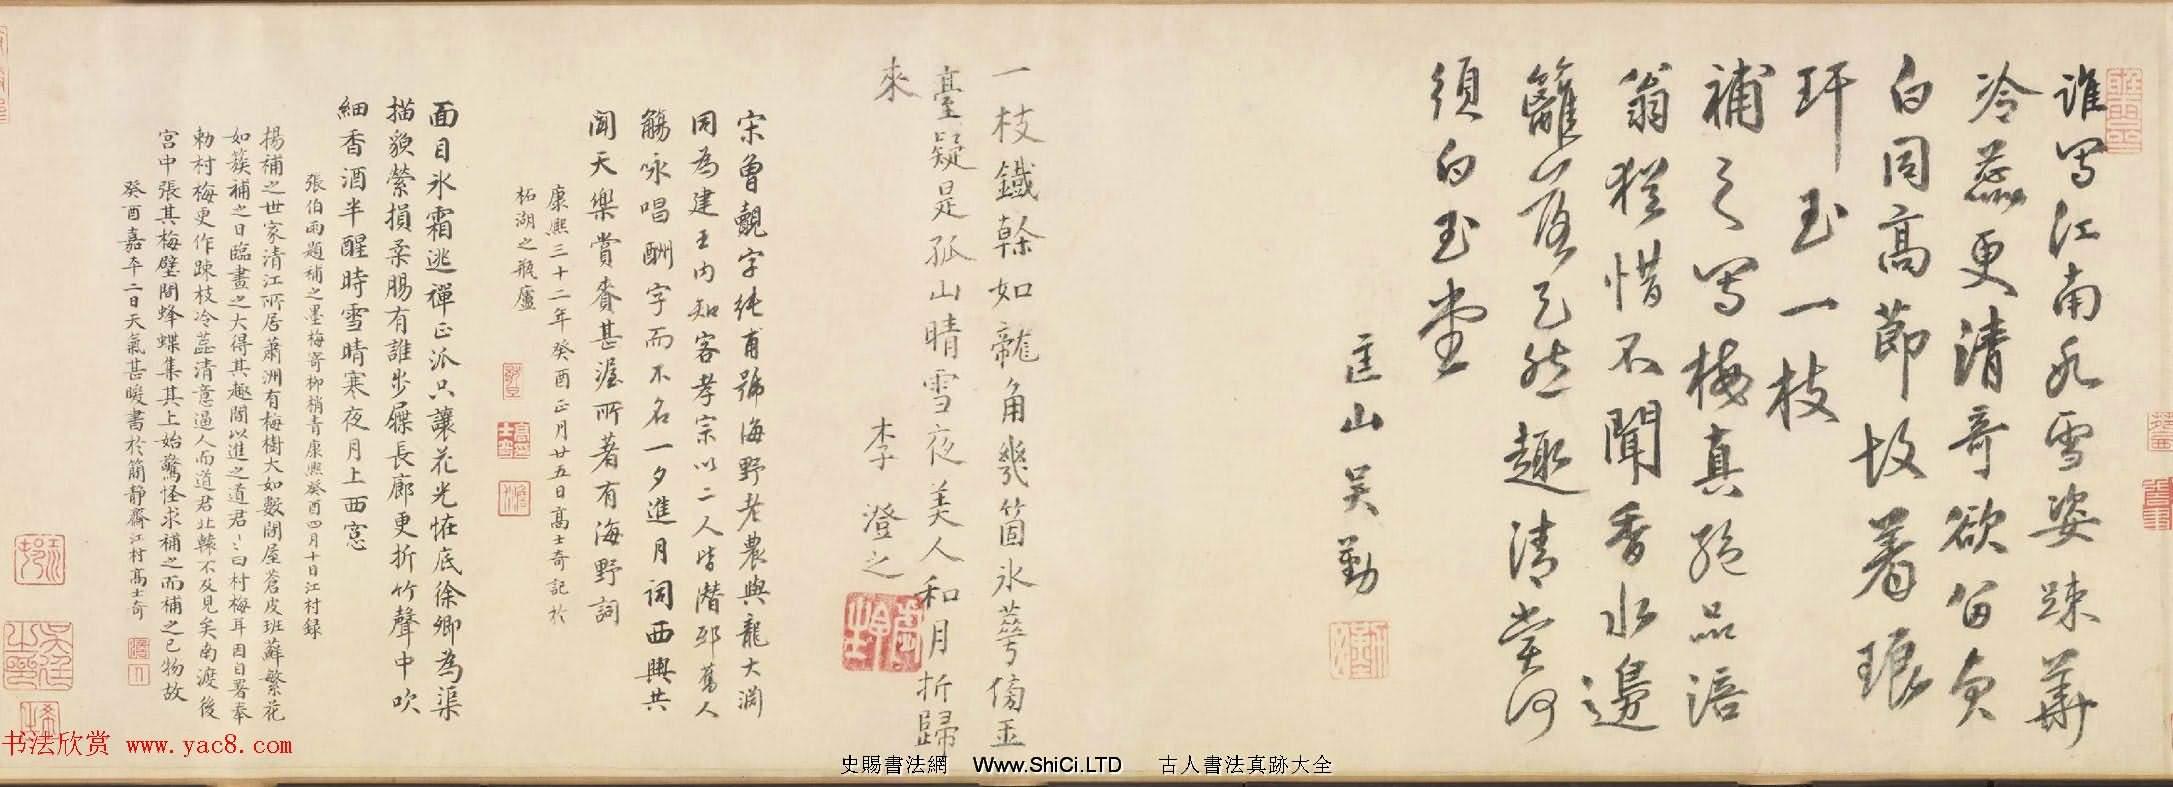 高士奇書法題跋楊無咎《雪梅圖卷》北京故宮博物院藏